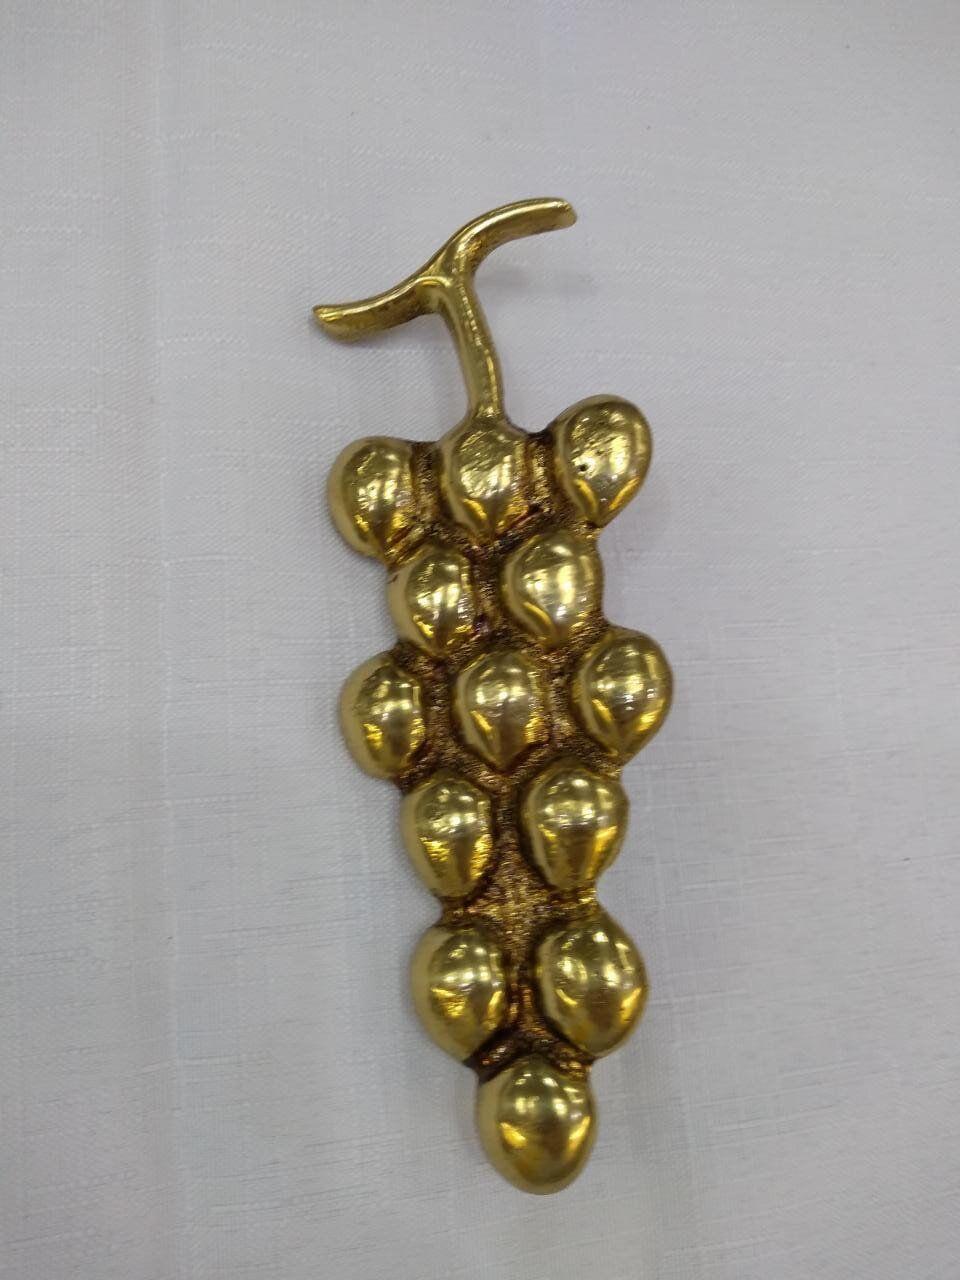 """Aplique modelo """"Uva"""" em bronze, dourado, para altar ou pedestal de leitura - 15cm altura X 8cm comprimento"""